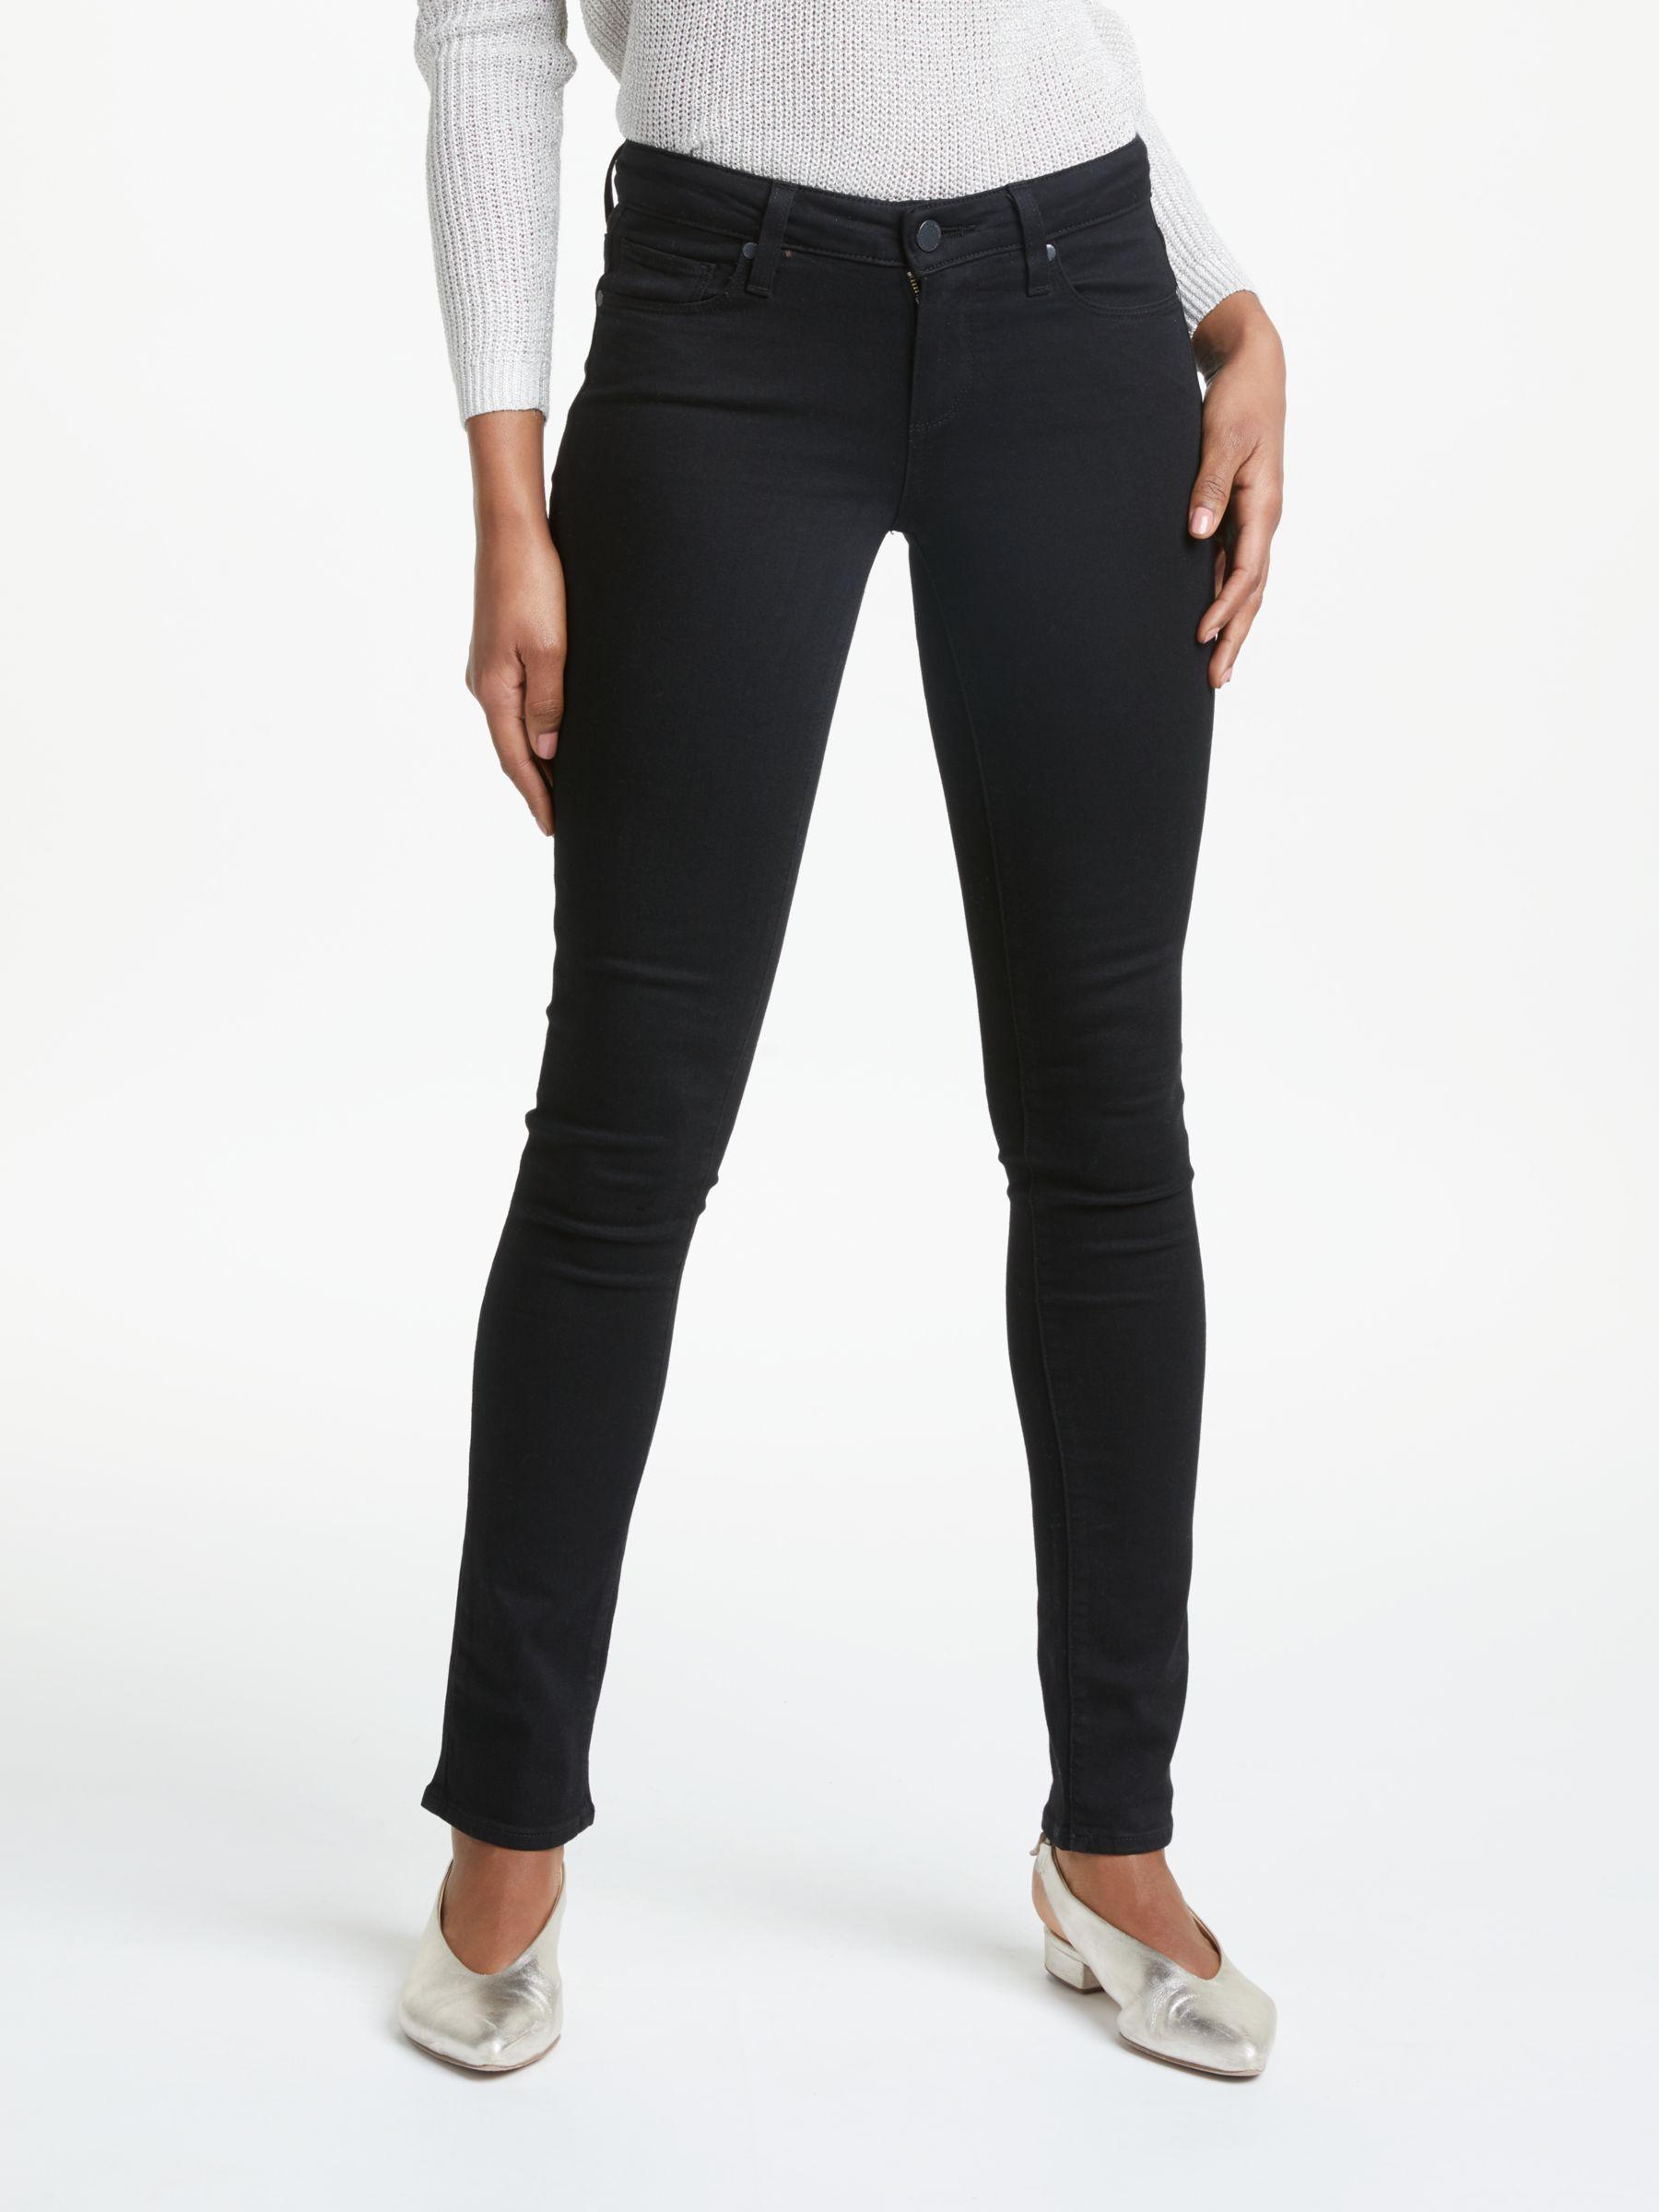 Paige Paige Skyline Mid Rise Skinny Jeans, Black Shadow